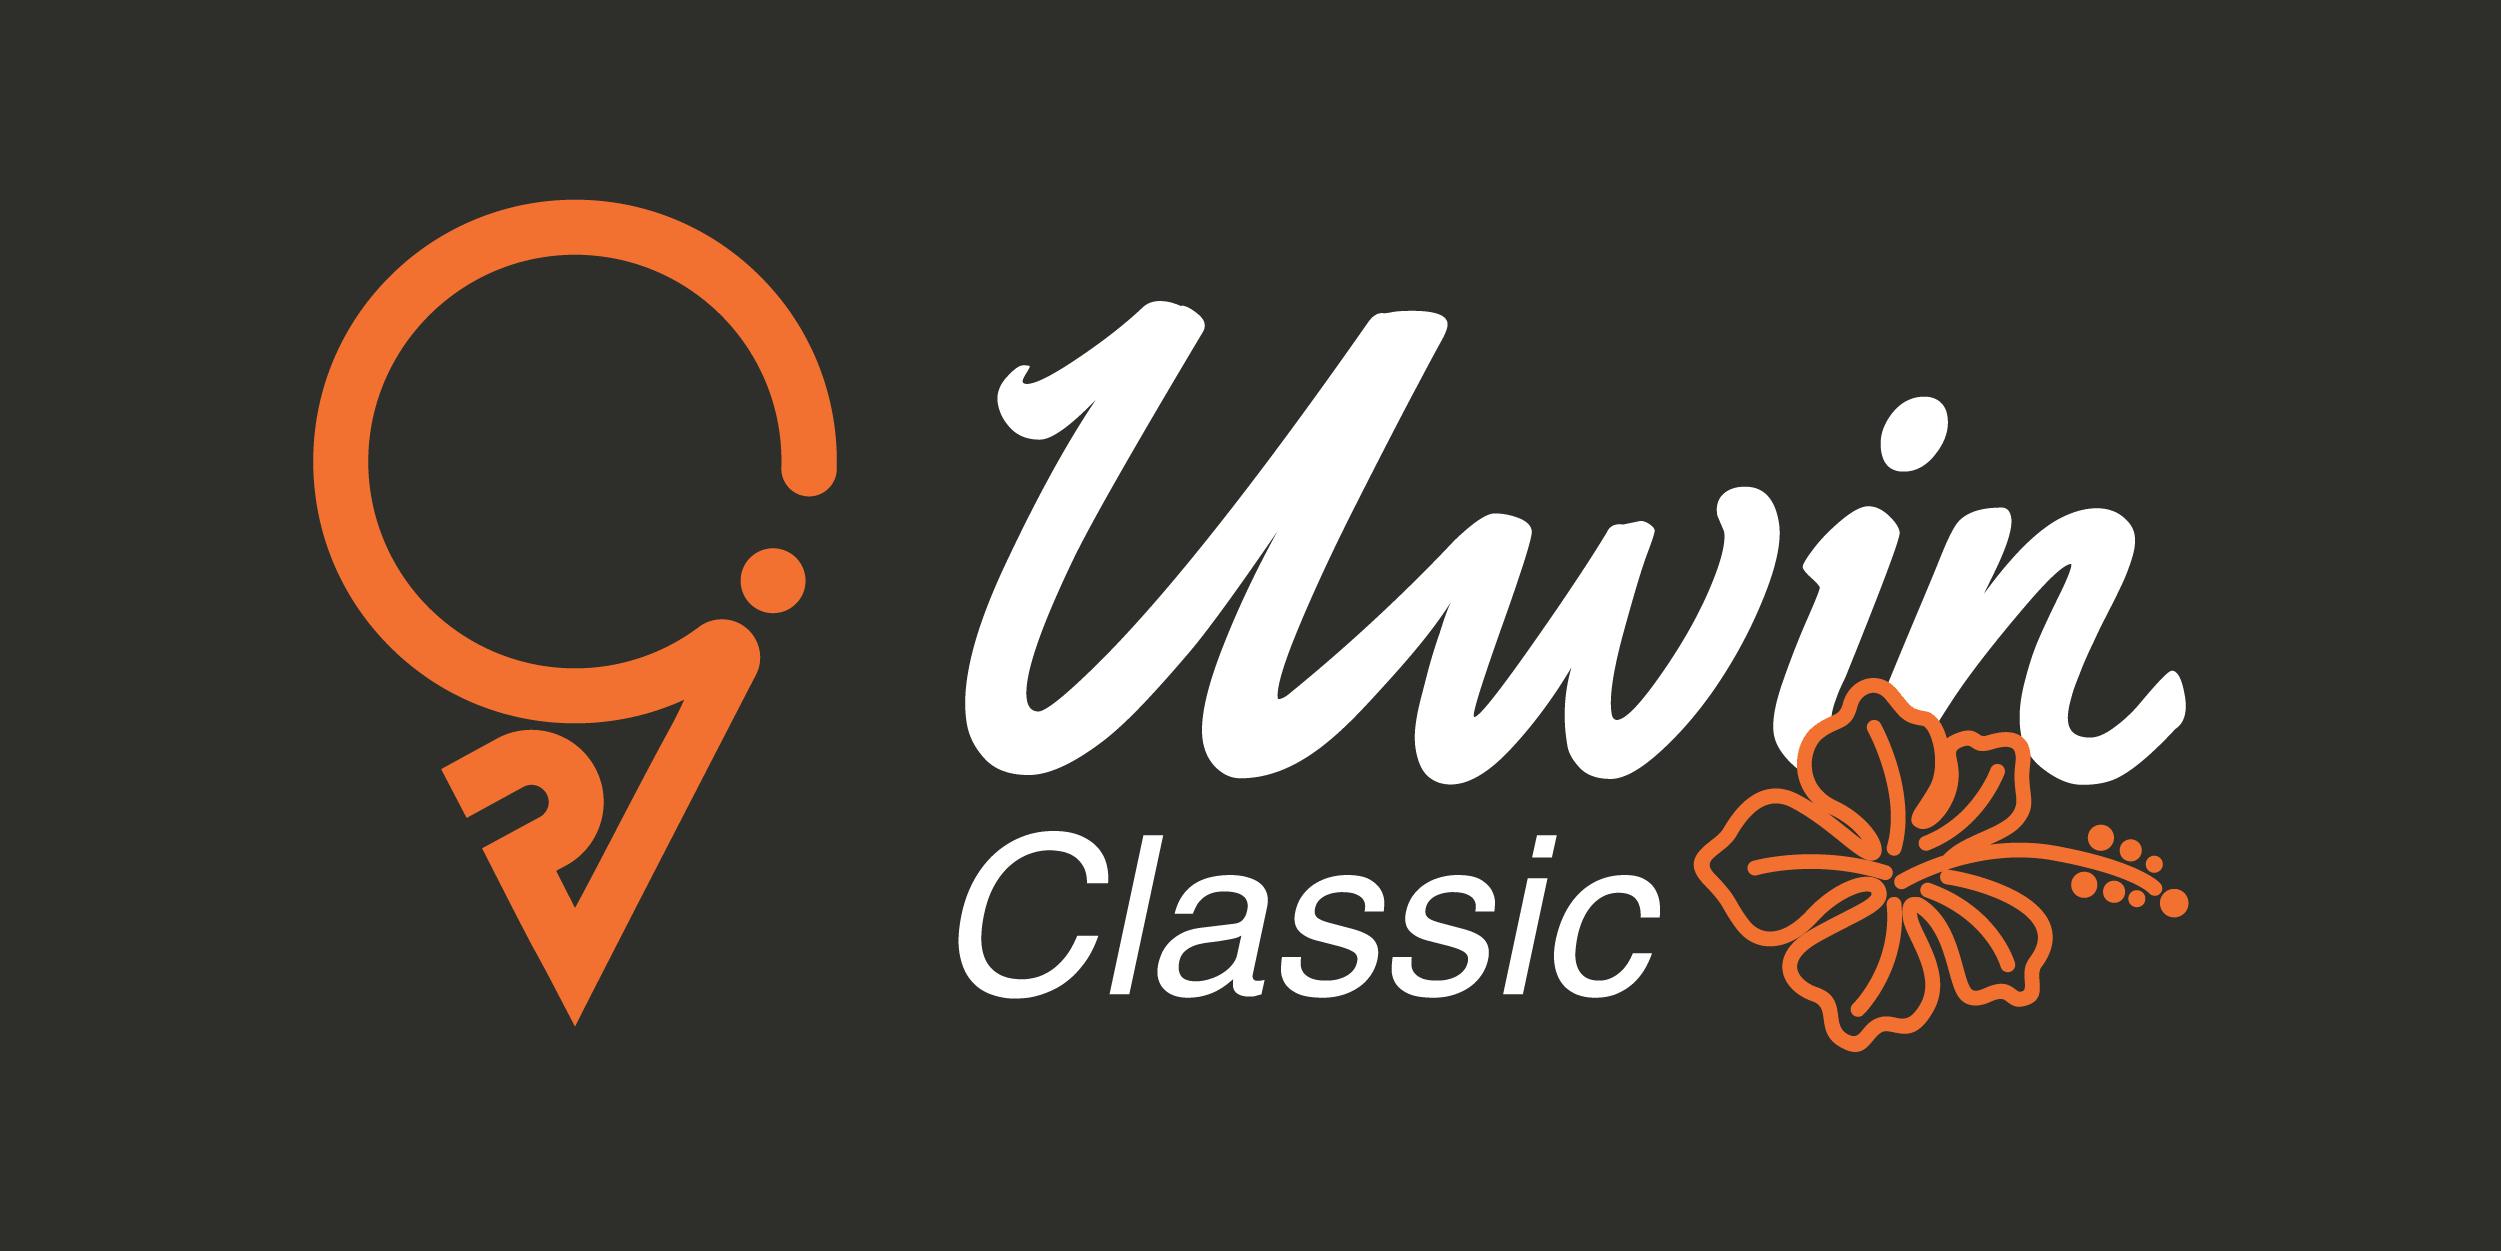 Uwin Classic Tours